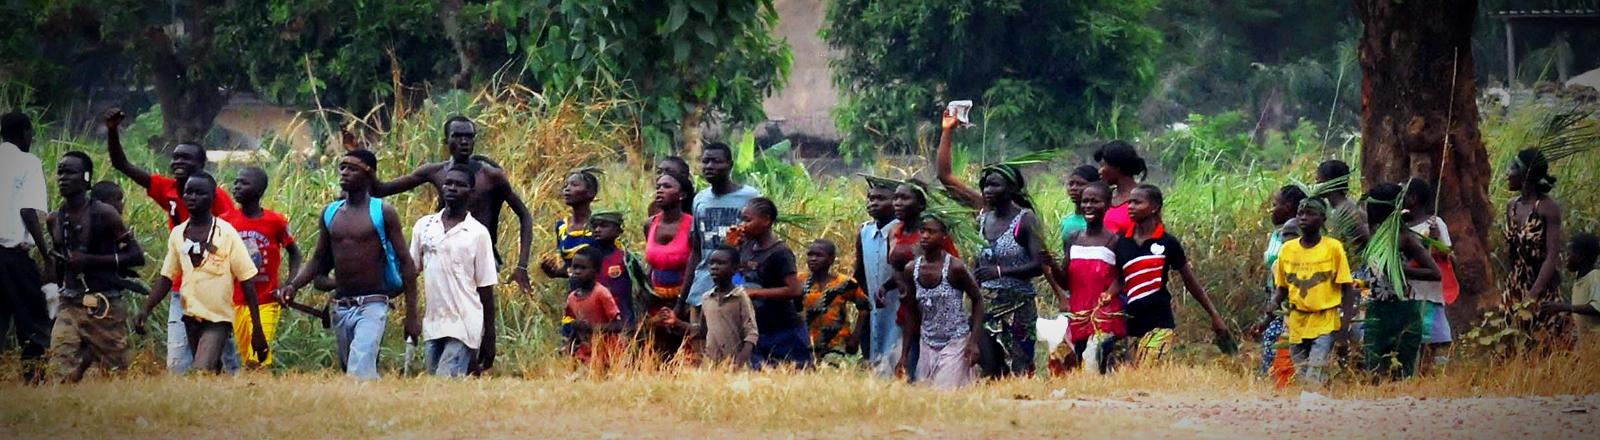 Eine Gruppe Jugendlicher der christlichen Miliz Anti-Balaka marschiert Richtung Bangui, der Hauptstadt der Zentralafrikanischen Republik.